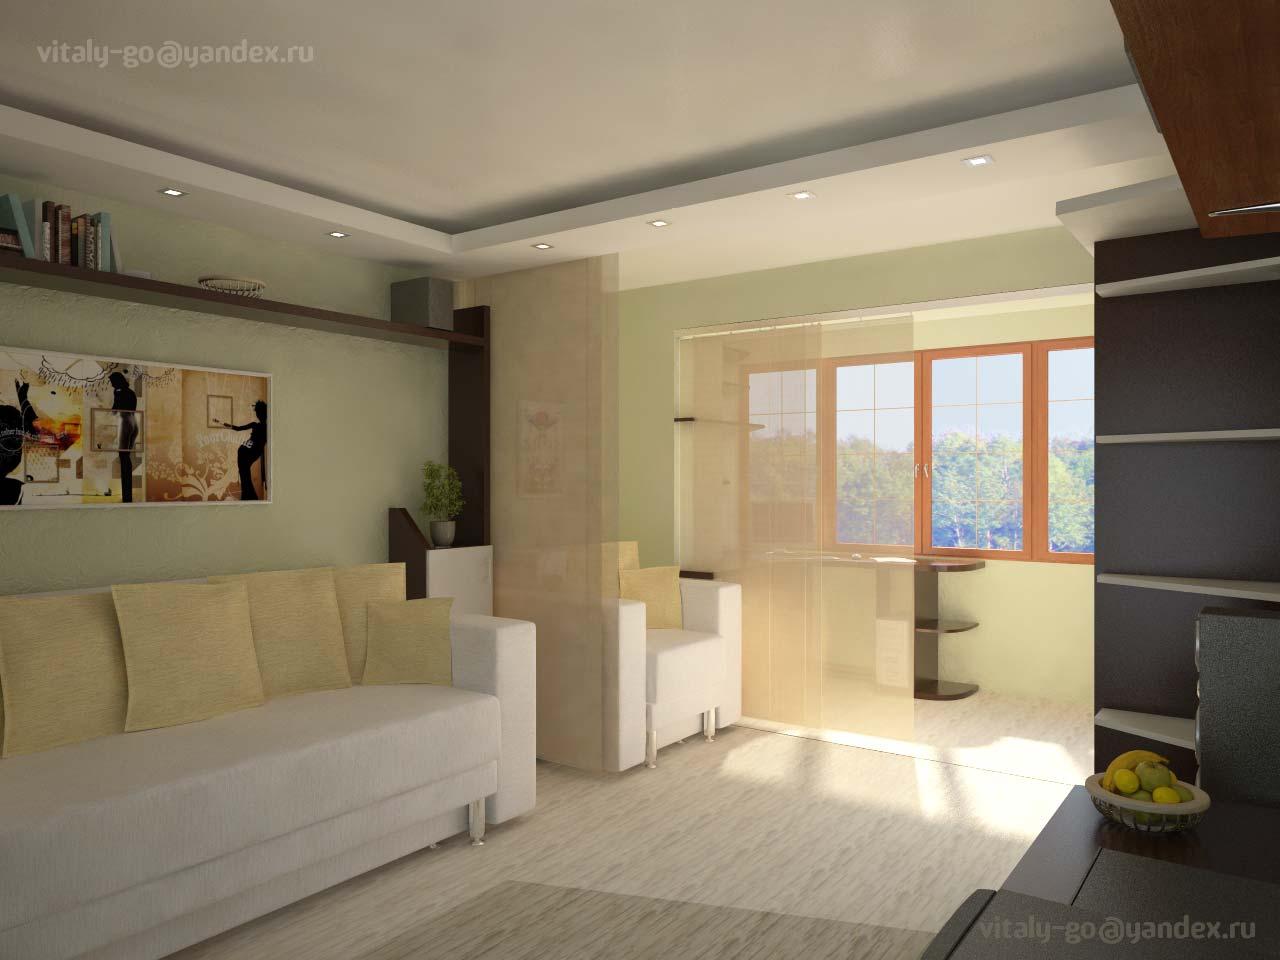 Дизайн квартир малосемейка фото